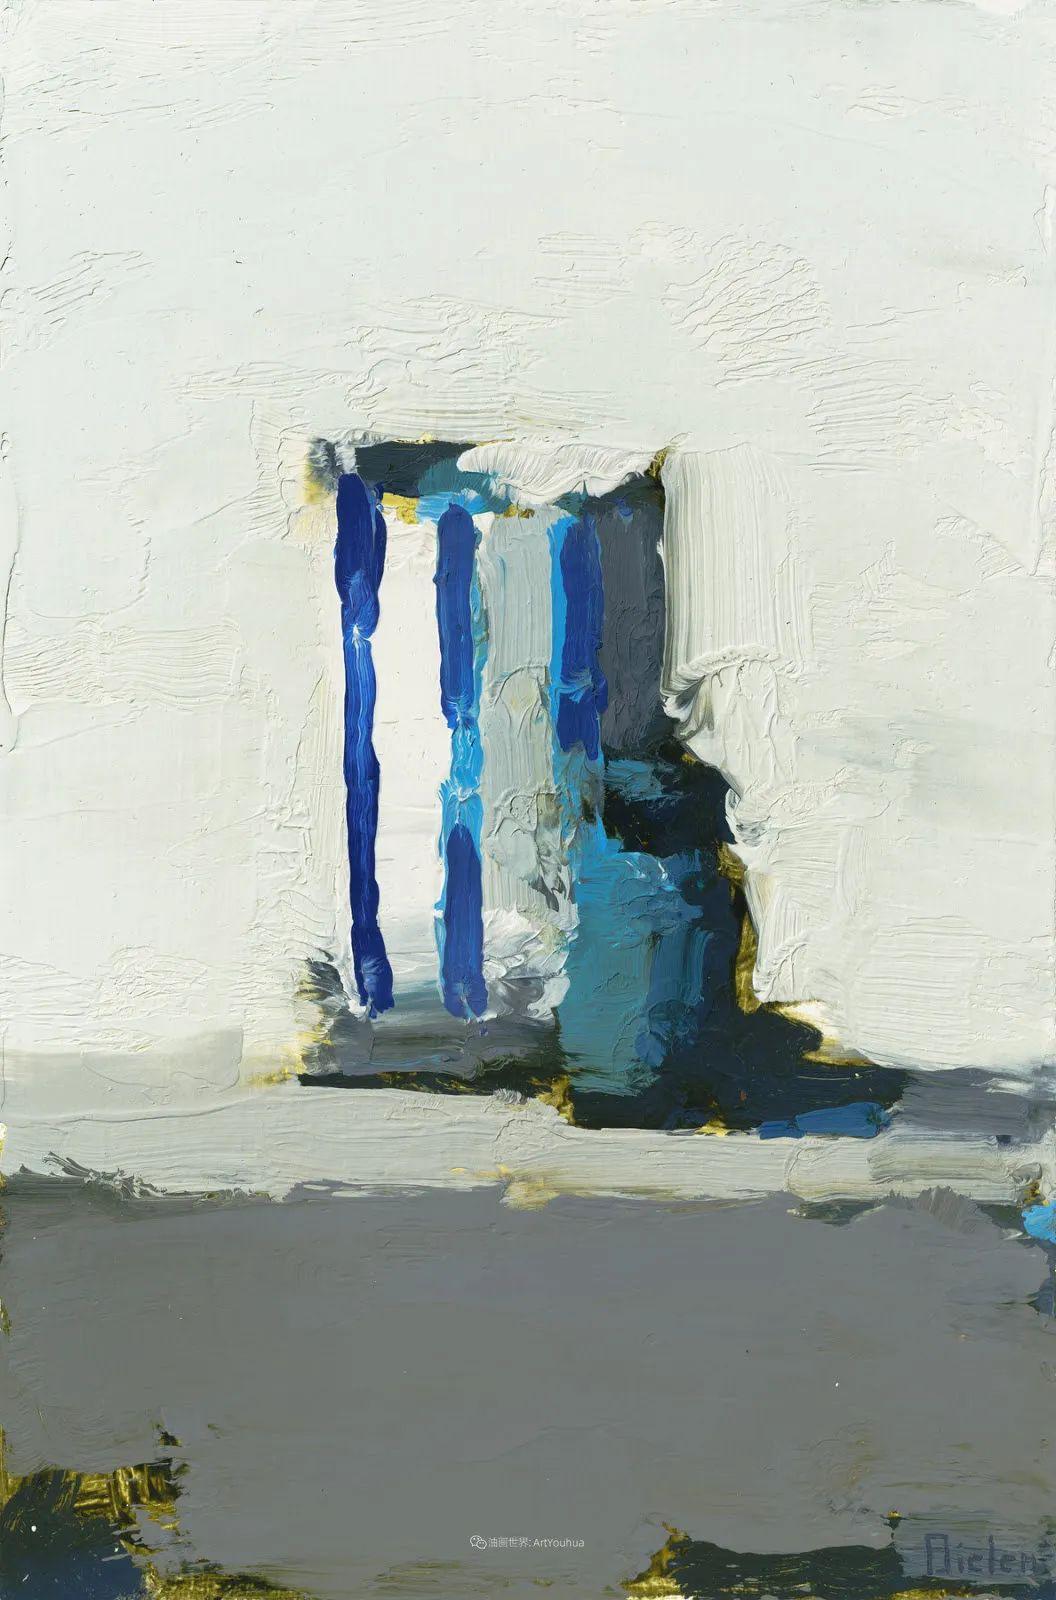 简约宁静 | 波兰画家斯坦利·比伦作品欣赏插图37